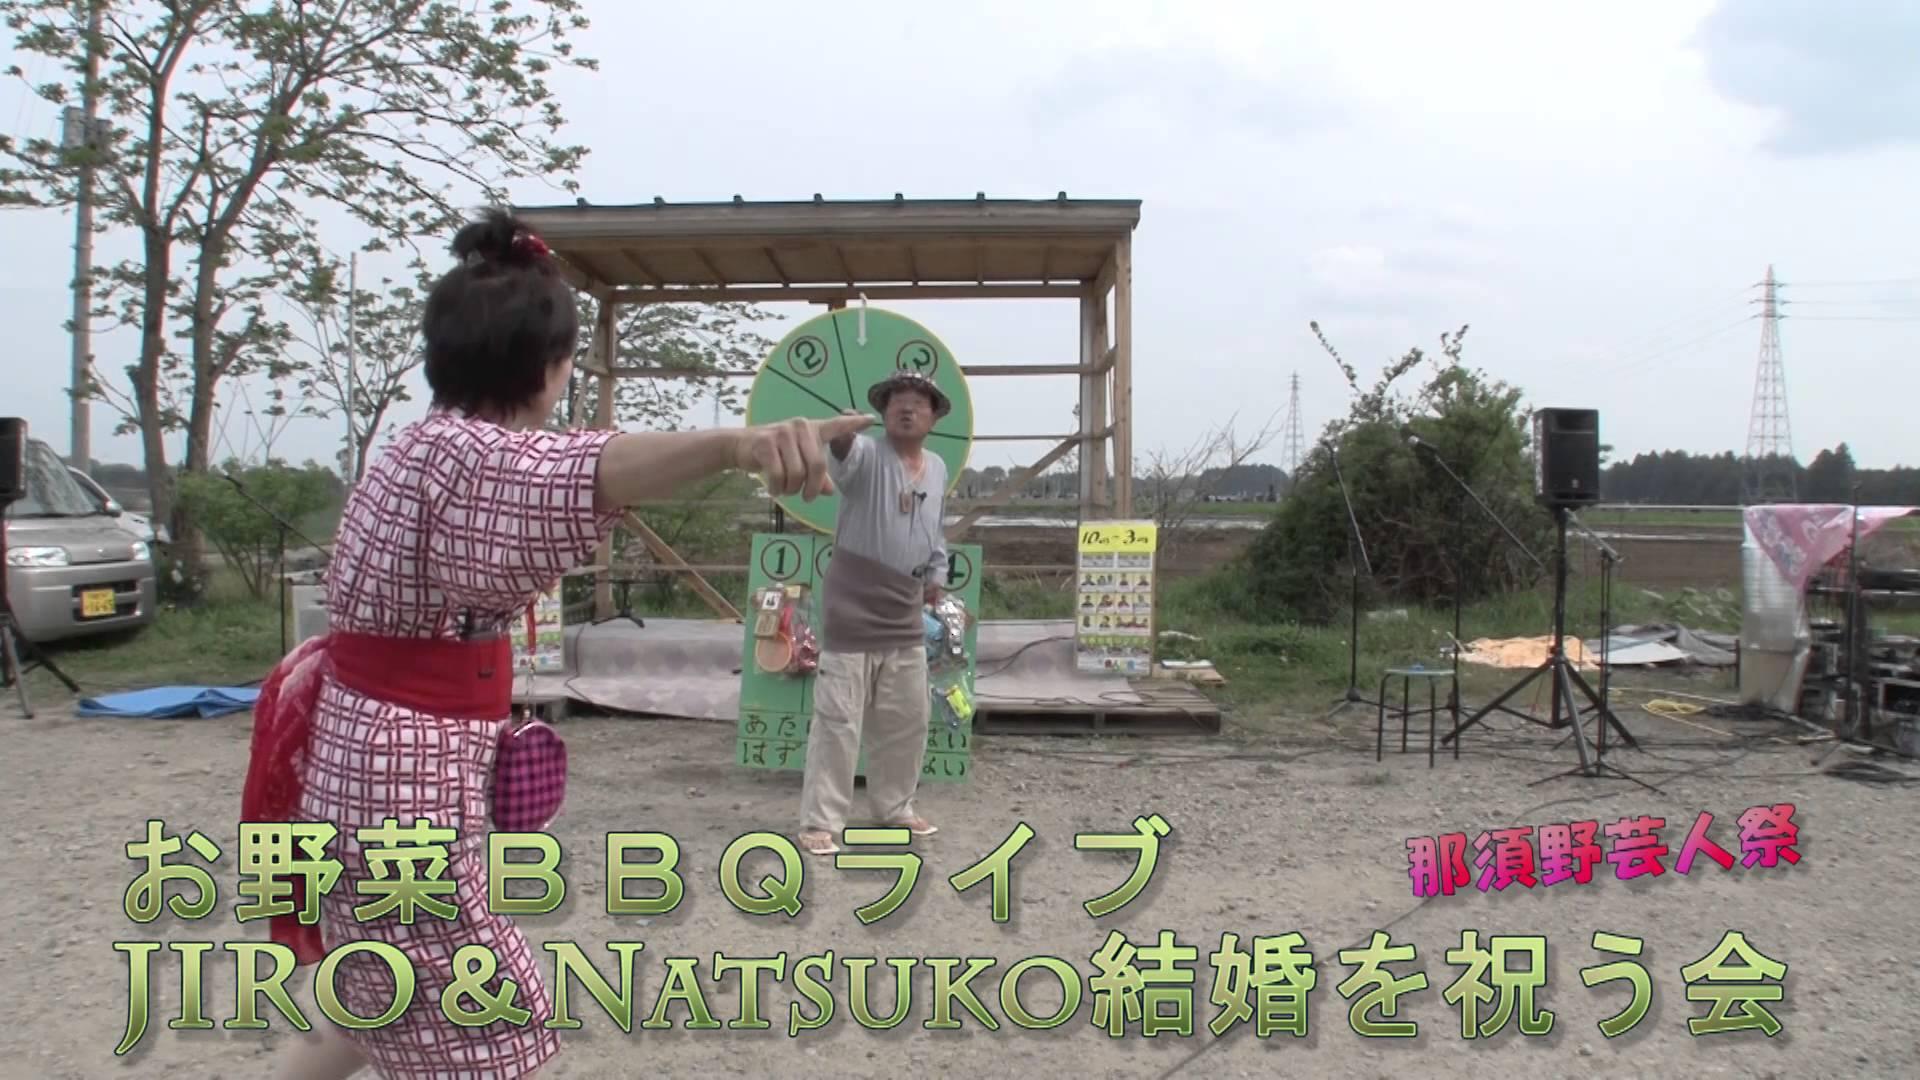 那須野芸人祭~お野菜BBQライブ:2014年4月29日(4)